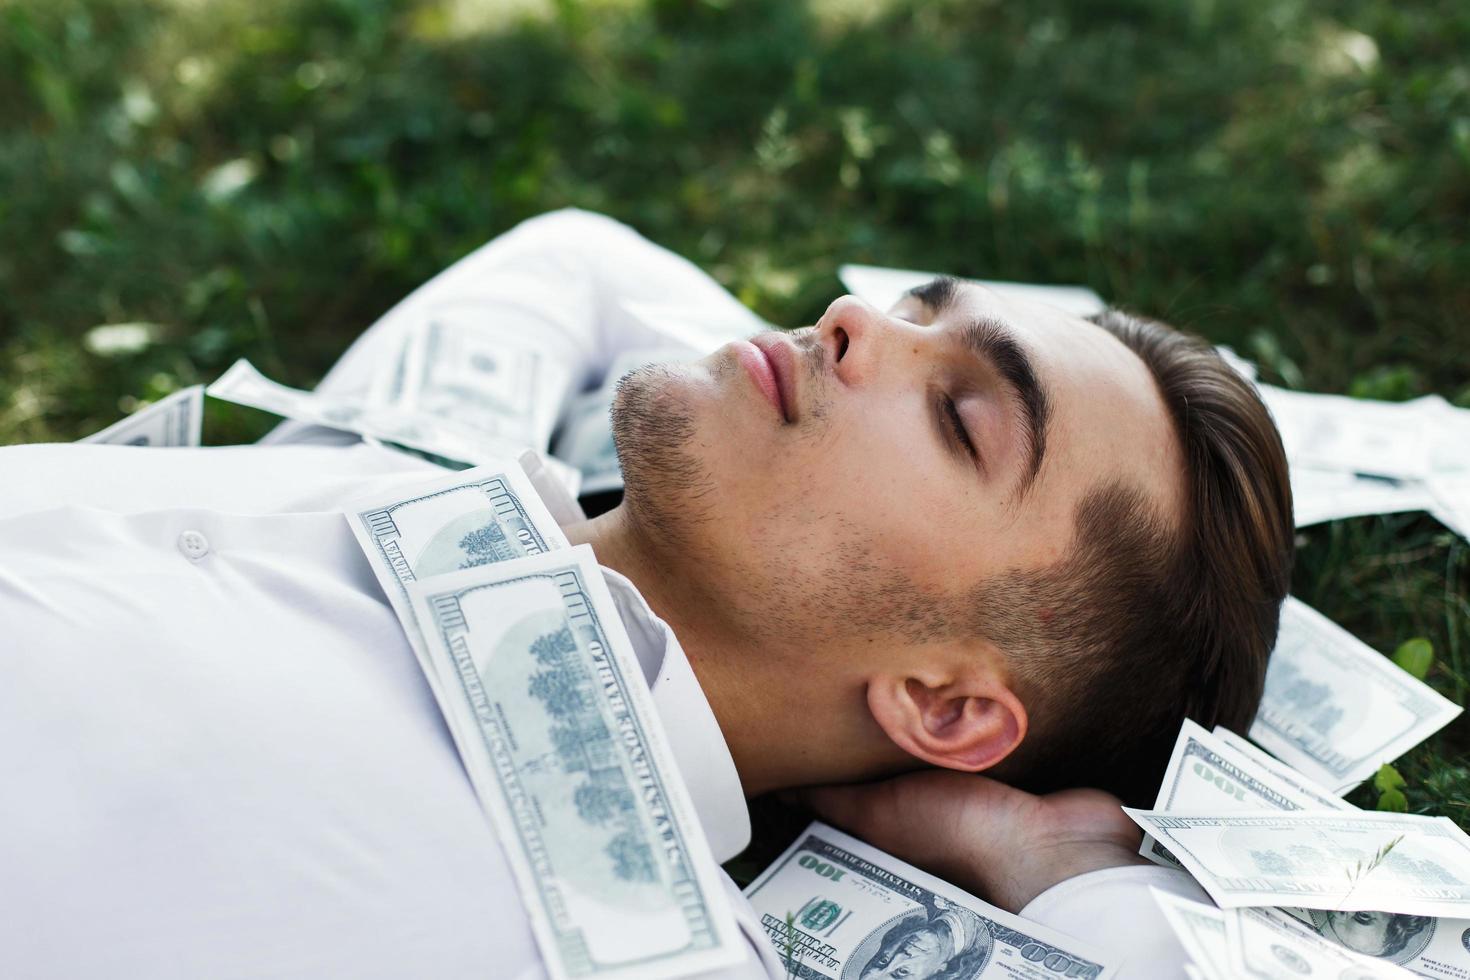 knappe jongeman in een wit overhemd ligt op de grond bedekt met Amerikaanse dollars foto